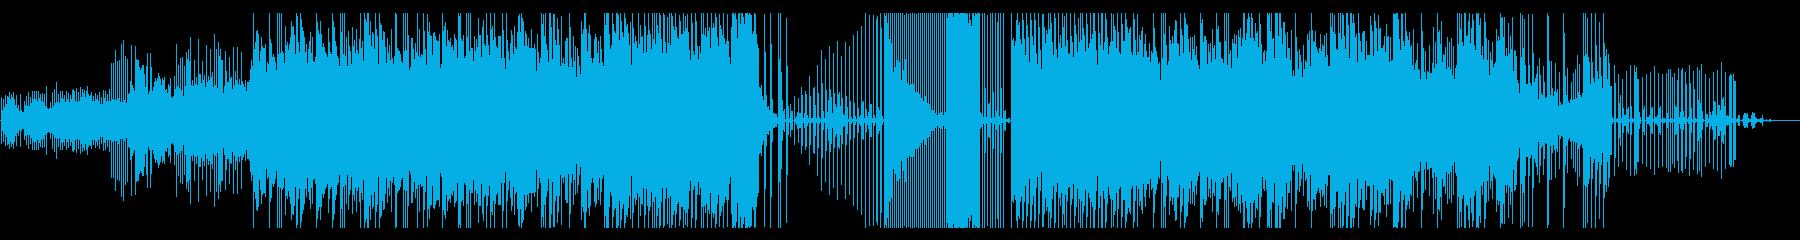 テクスチャー、チルアウト、トラップの再生済みの波形